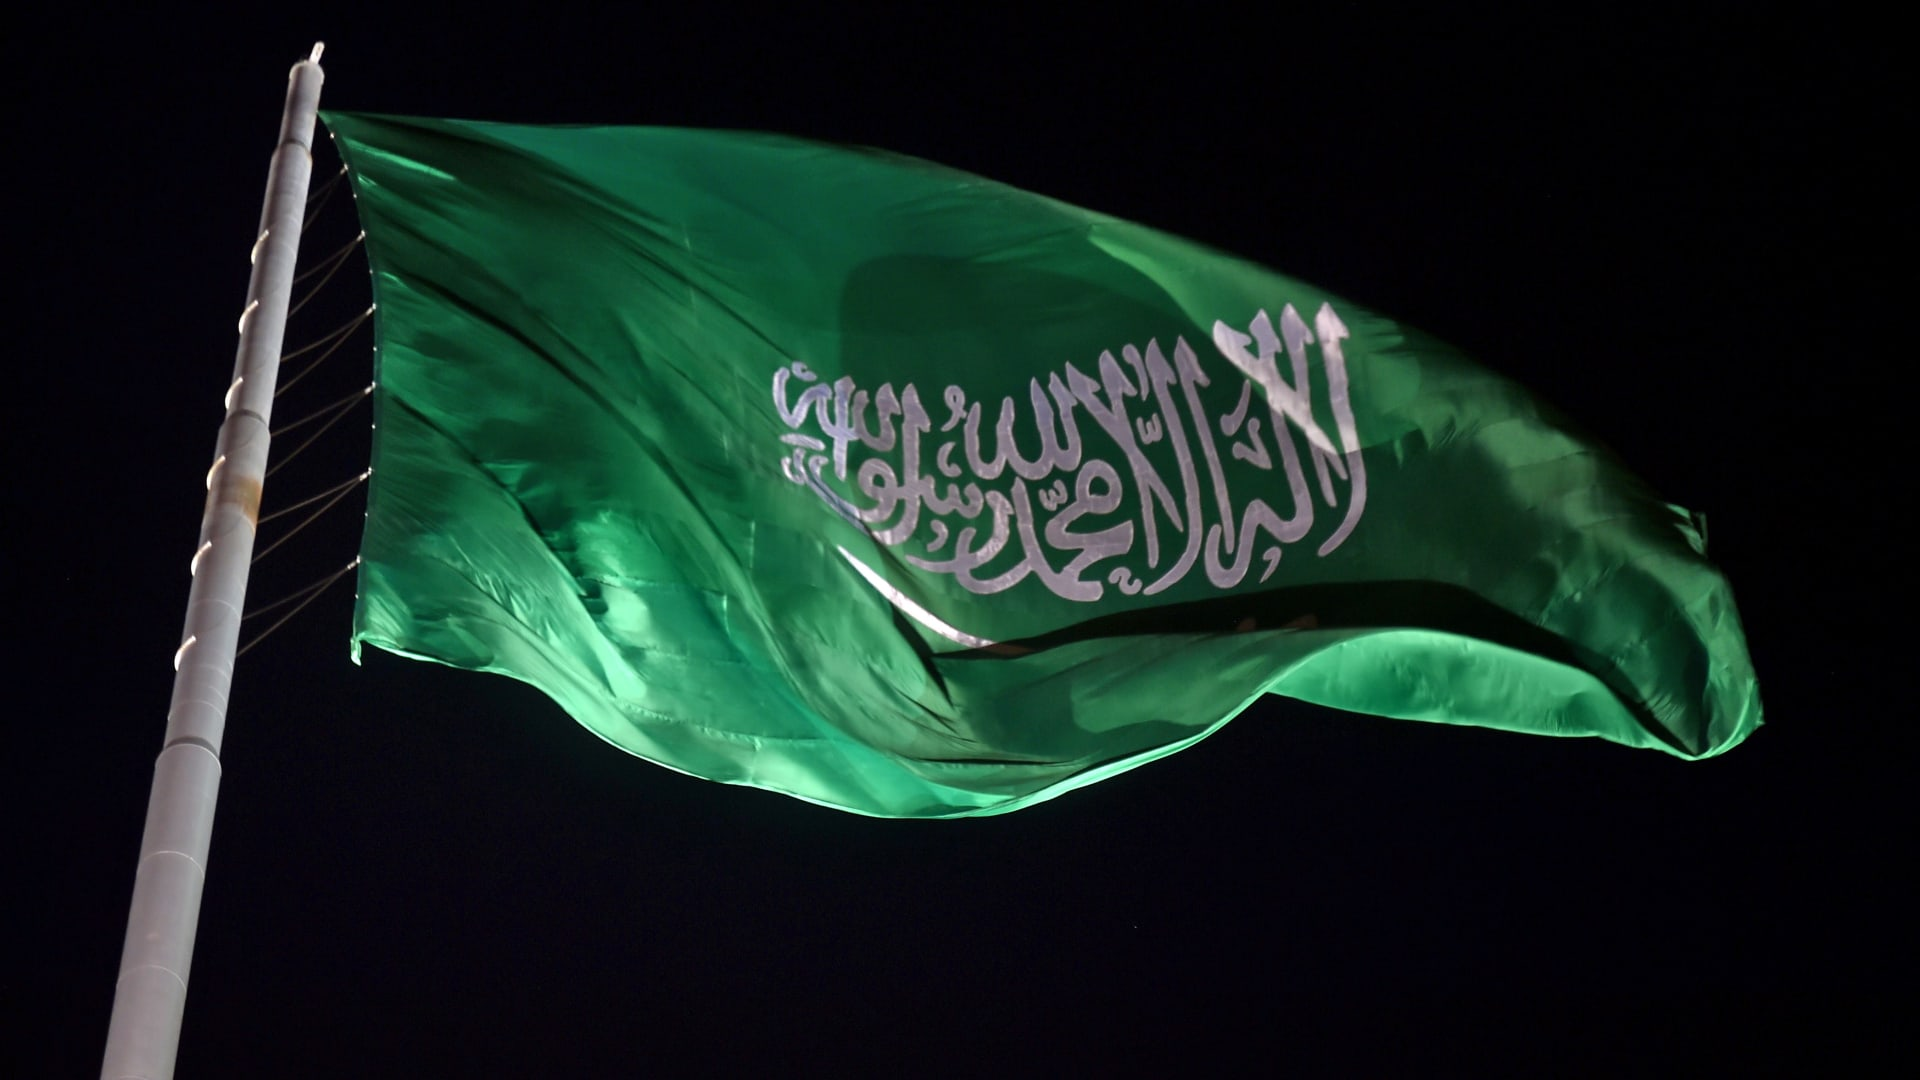 السعودية.. نجل عبدالعزيز الدخيل يعلن الإفراج عنه بعد أكثر من عام على اعتقاله